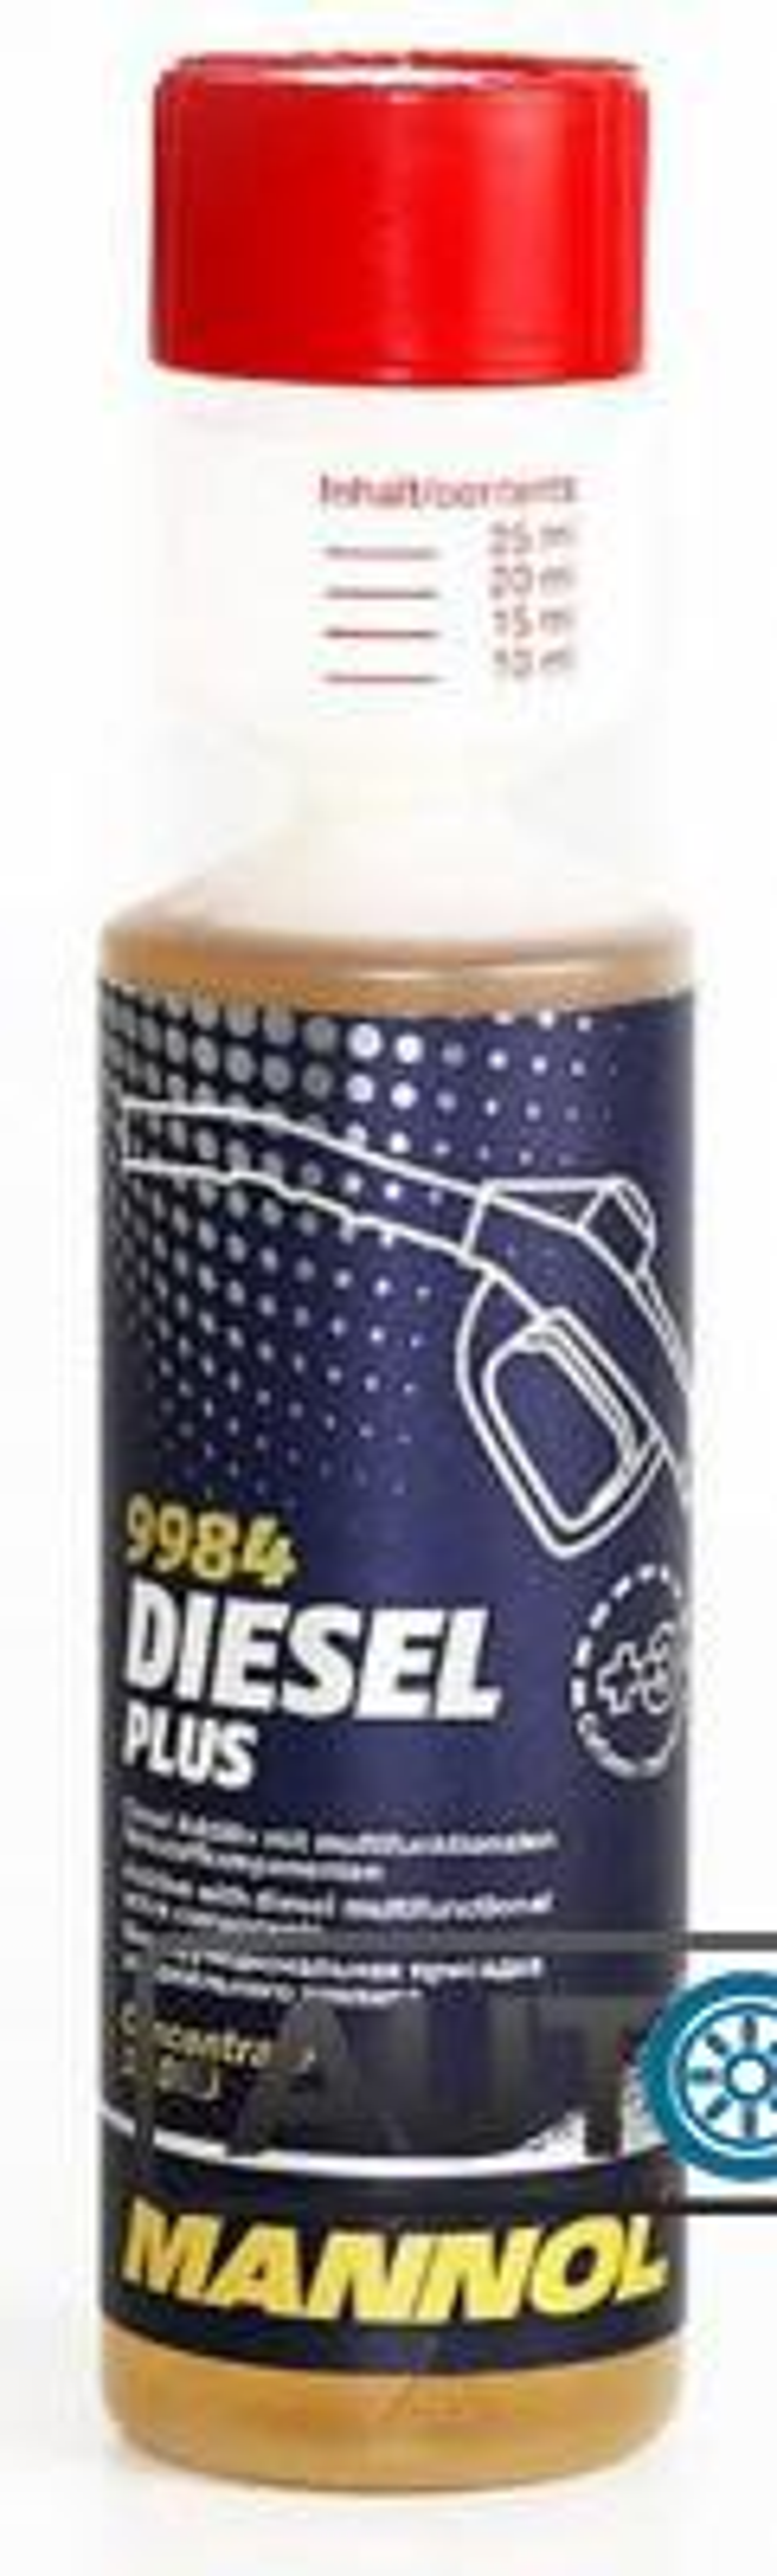 Присадка комплексная для дизельного топлива MANNOL 9984 Diesel Plus